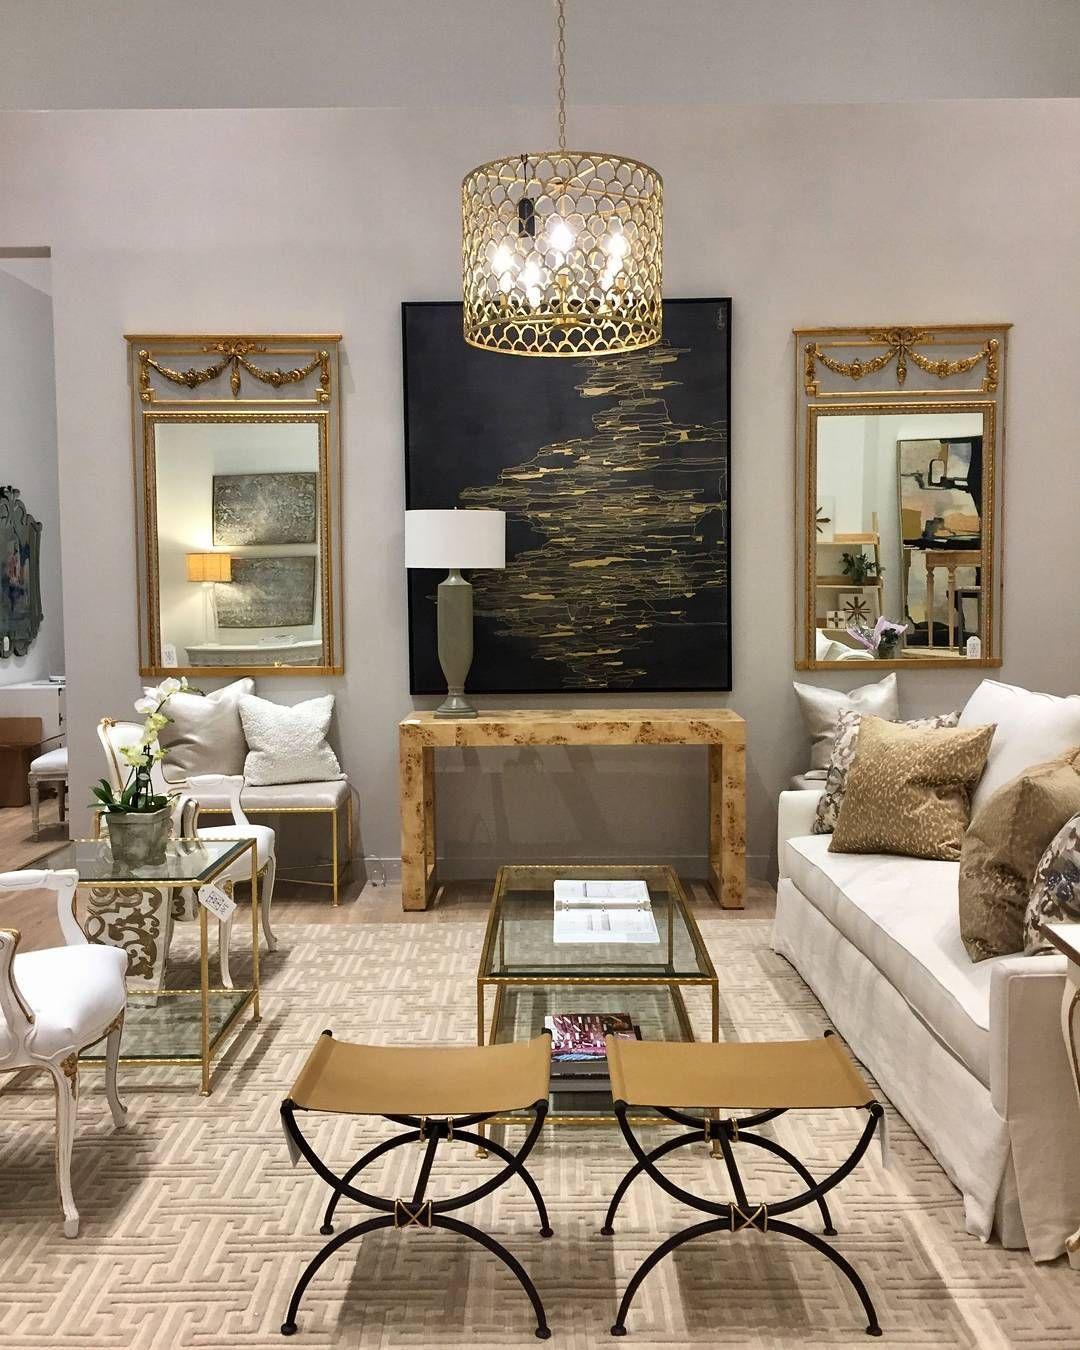 Ave Home is at the Dallas Design Center in the Codarus